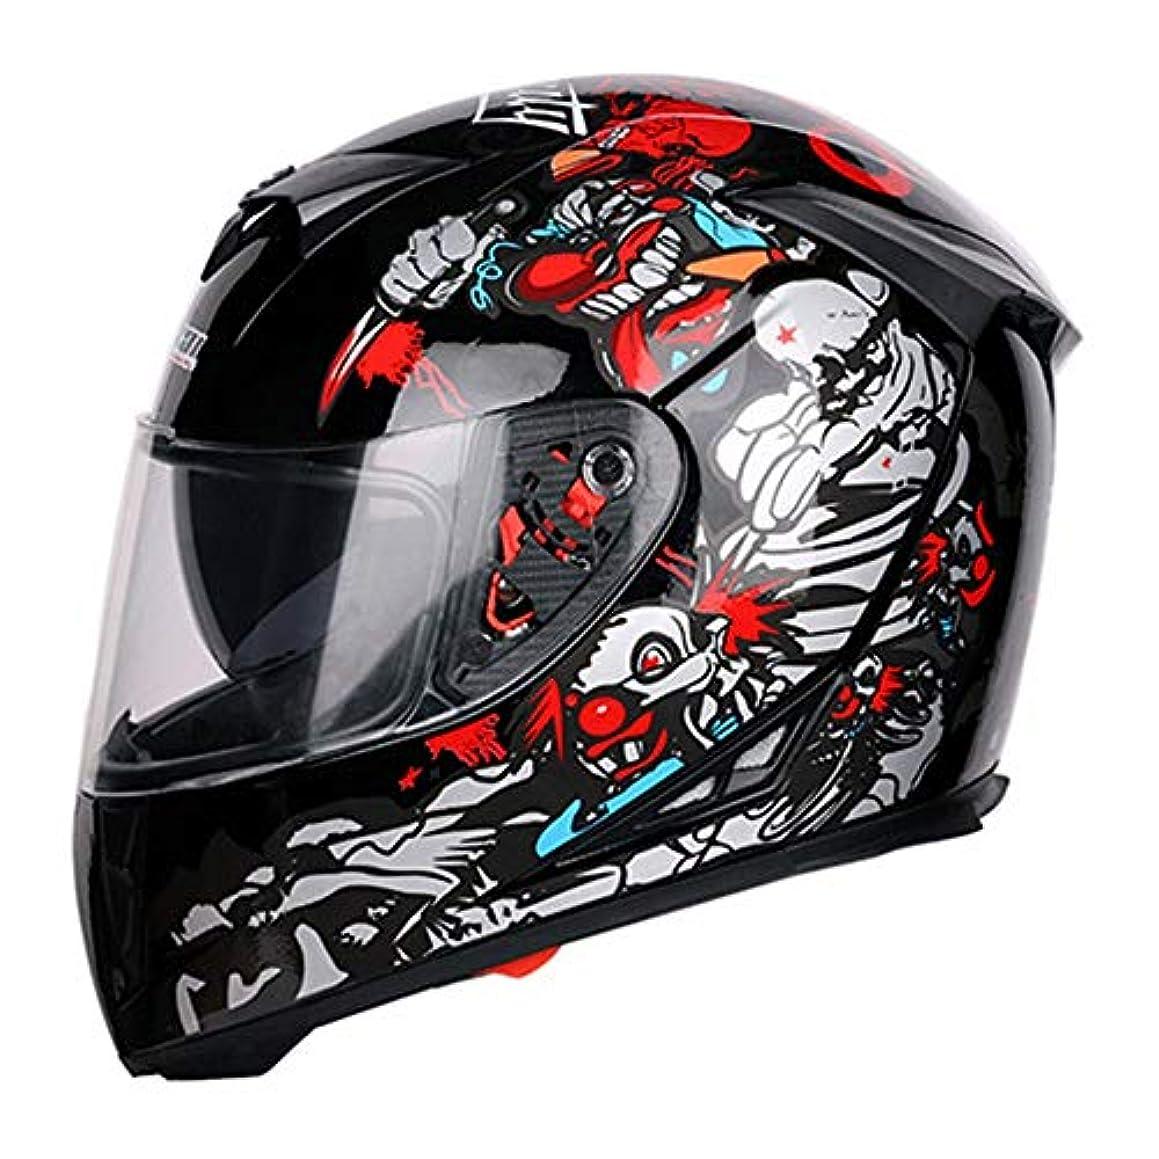 徴収身元おばあさんHYH 完全に覆われたオートバイヘルメットABS素材ピエロパターン電気自動車HDダブルレンズフルフェイスヘルメットドロップ いい人生 (Color : Black, Size : M)